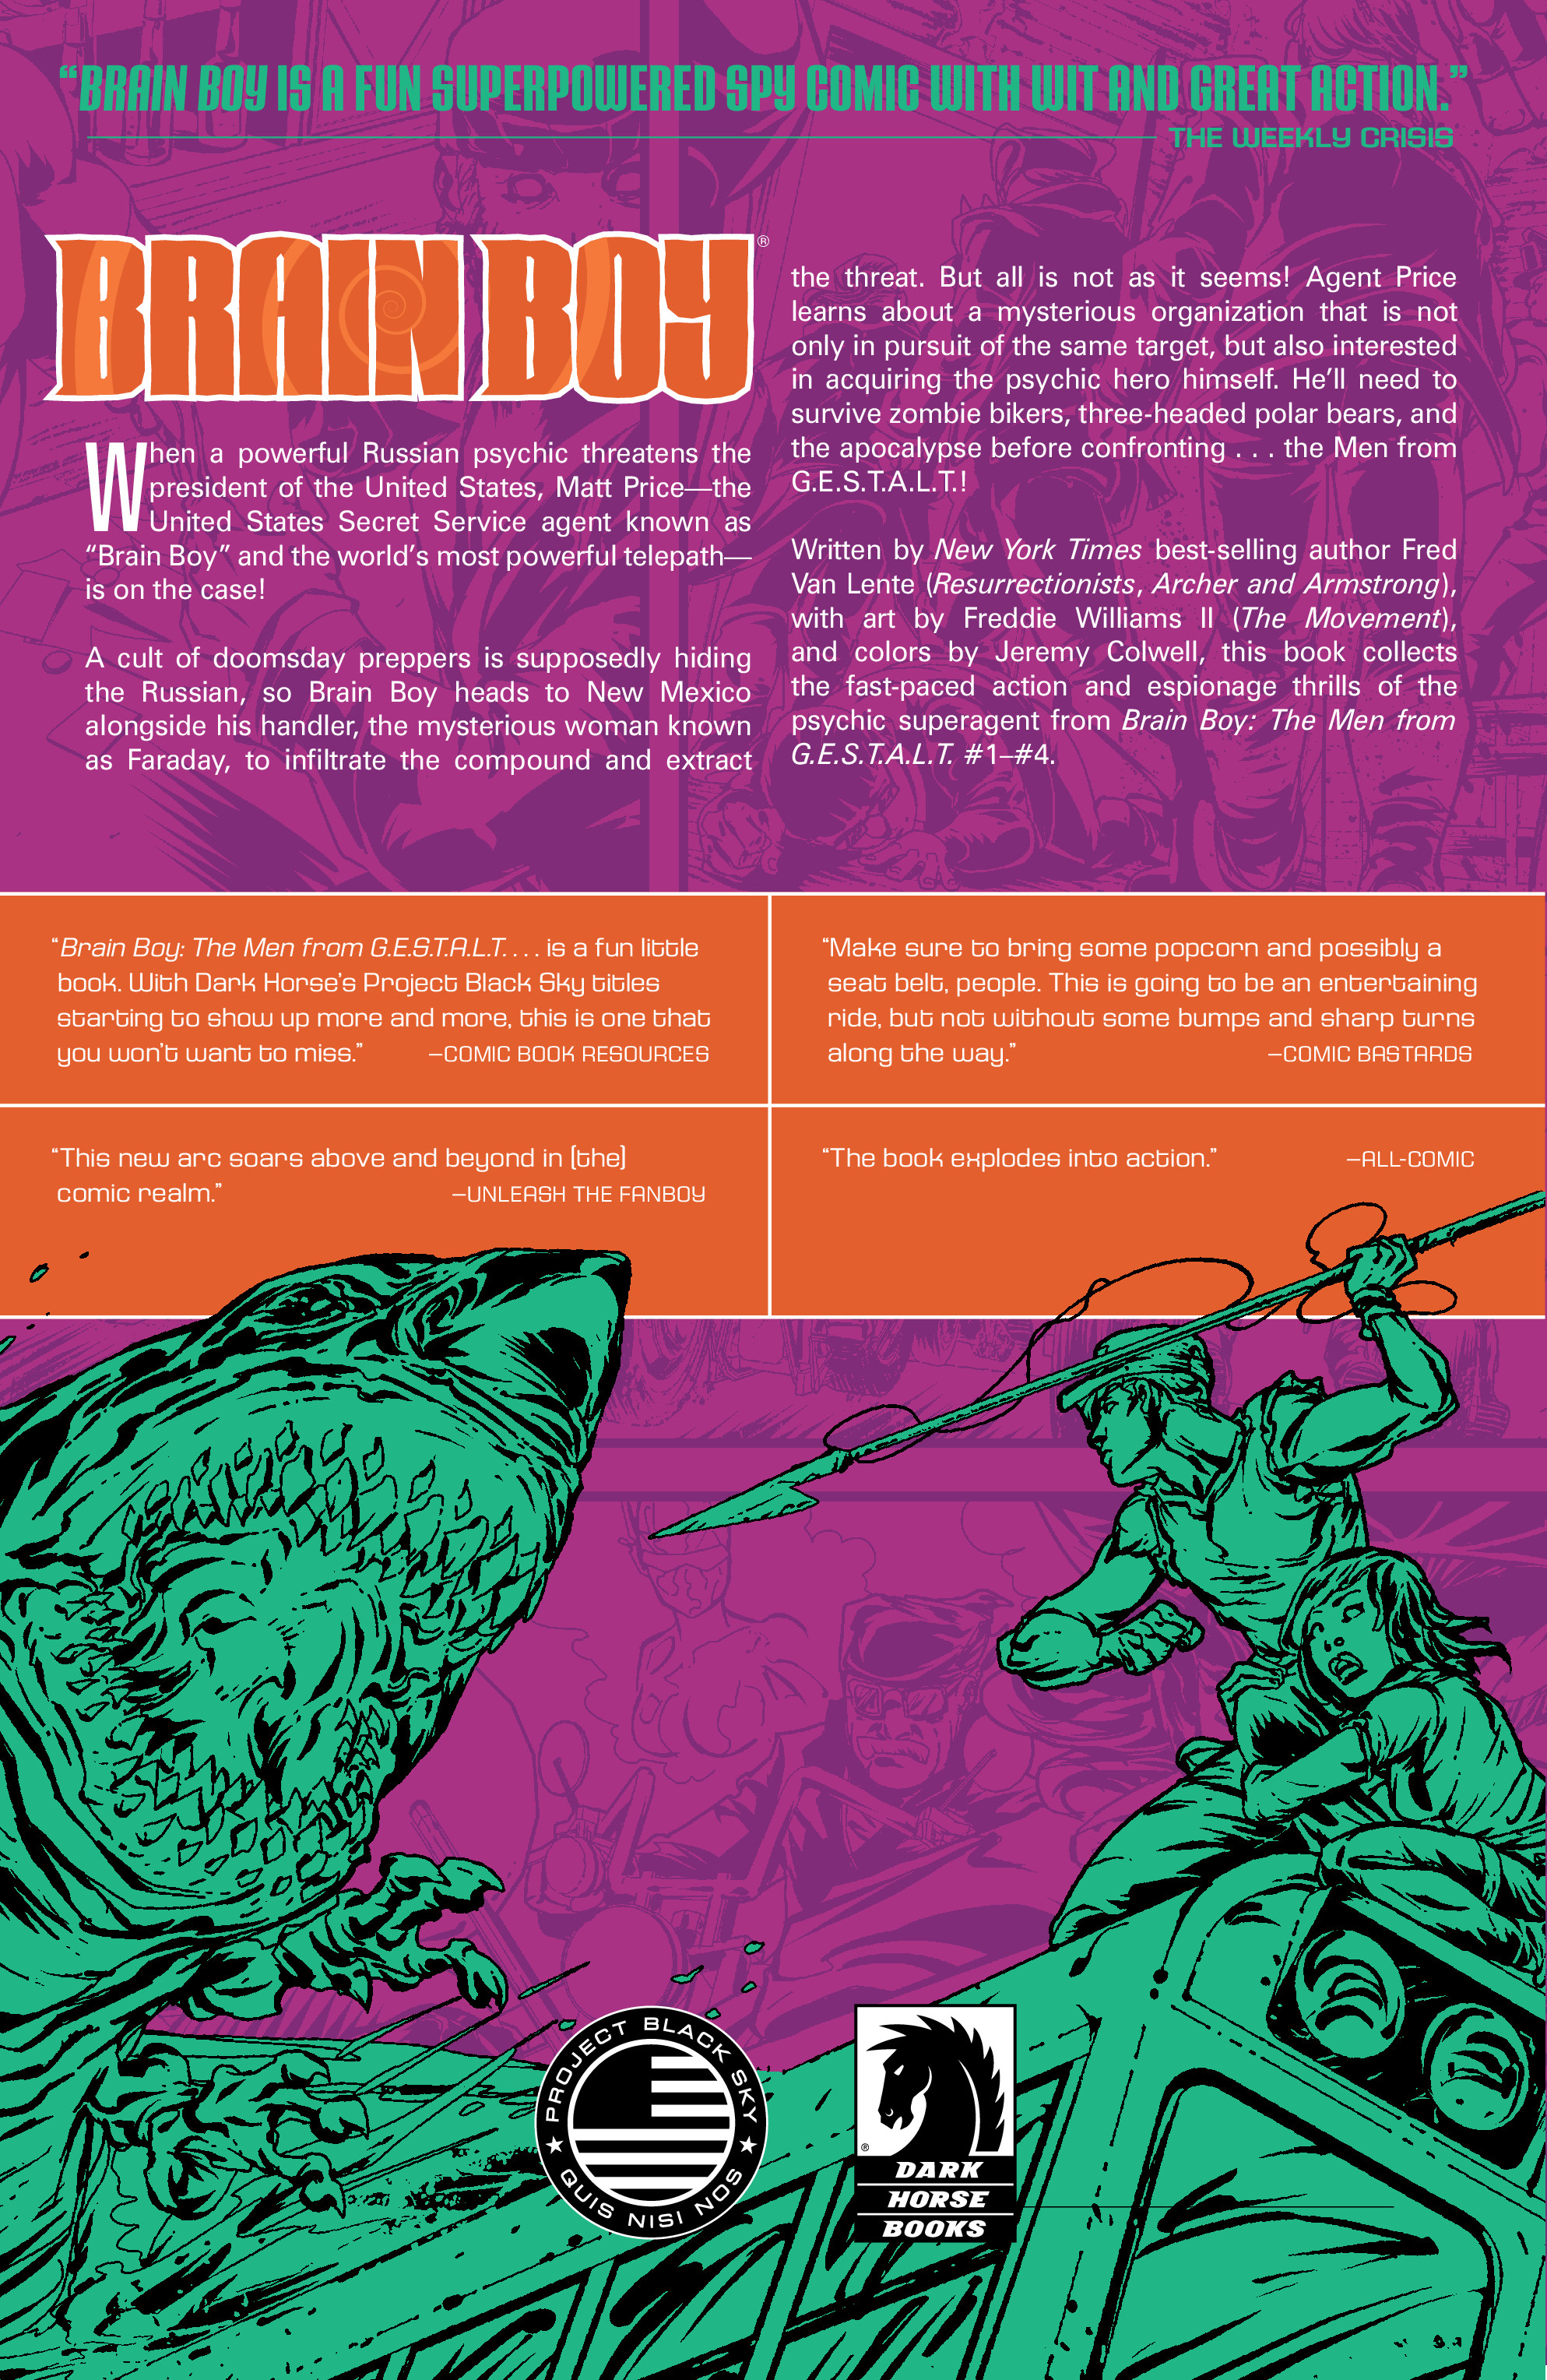 Read online Brain Boy:  The Men from G.E.S.T.A.L.T. comic -  Issue # TPB - 110